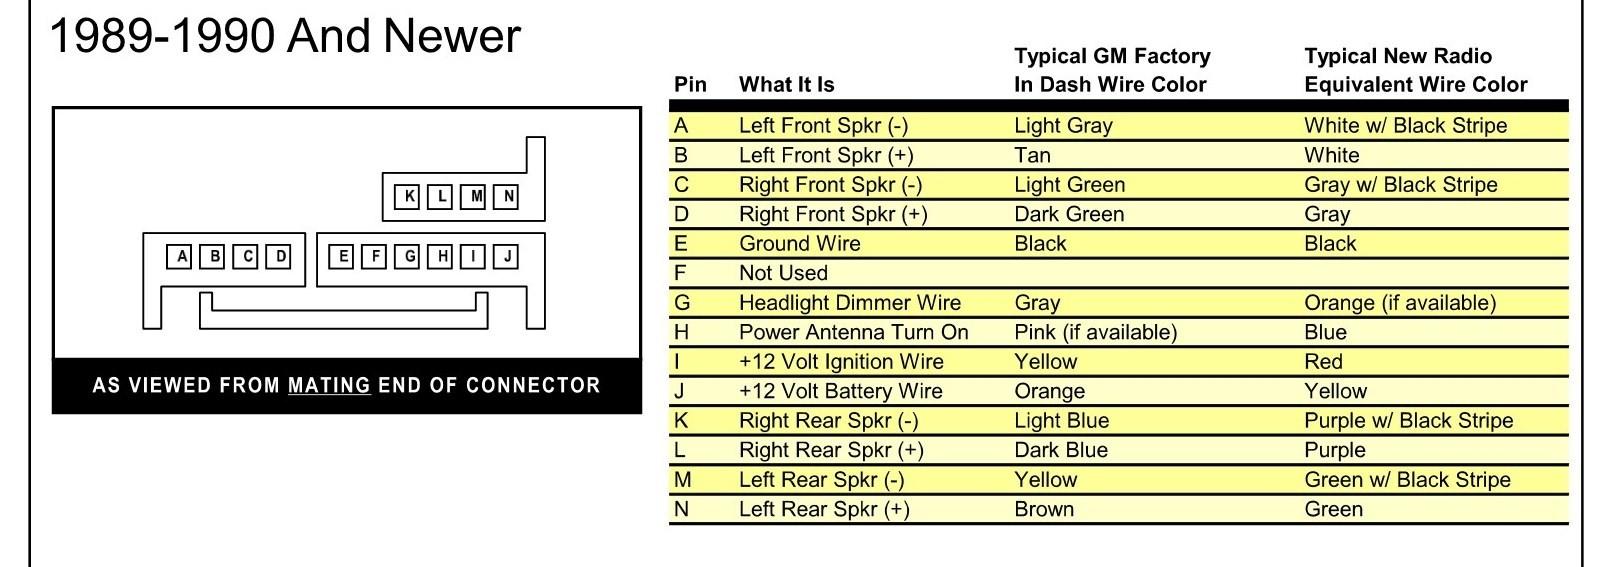 2005 Chevy Silverado Radio Wiring Harness Diagram